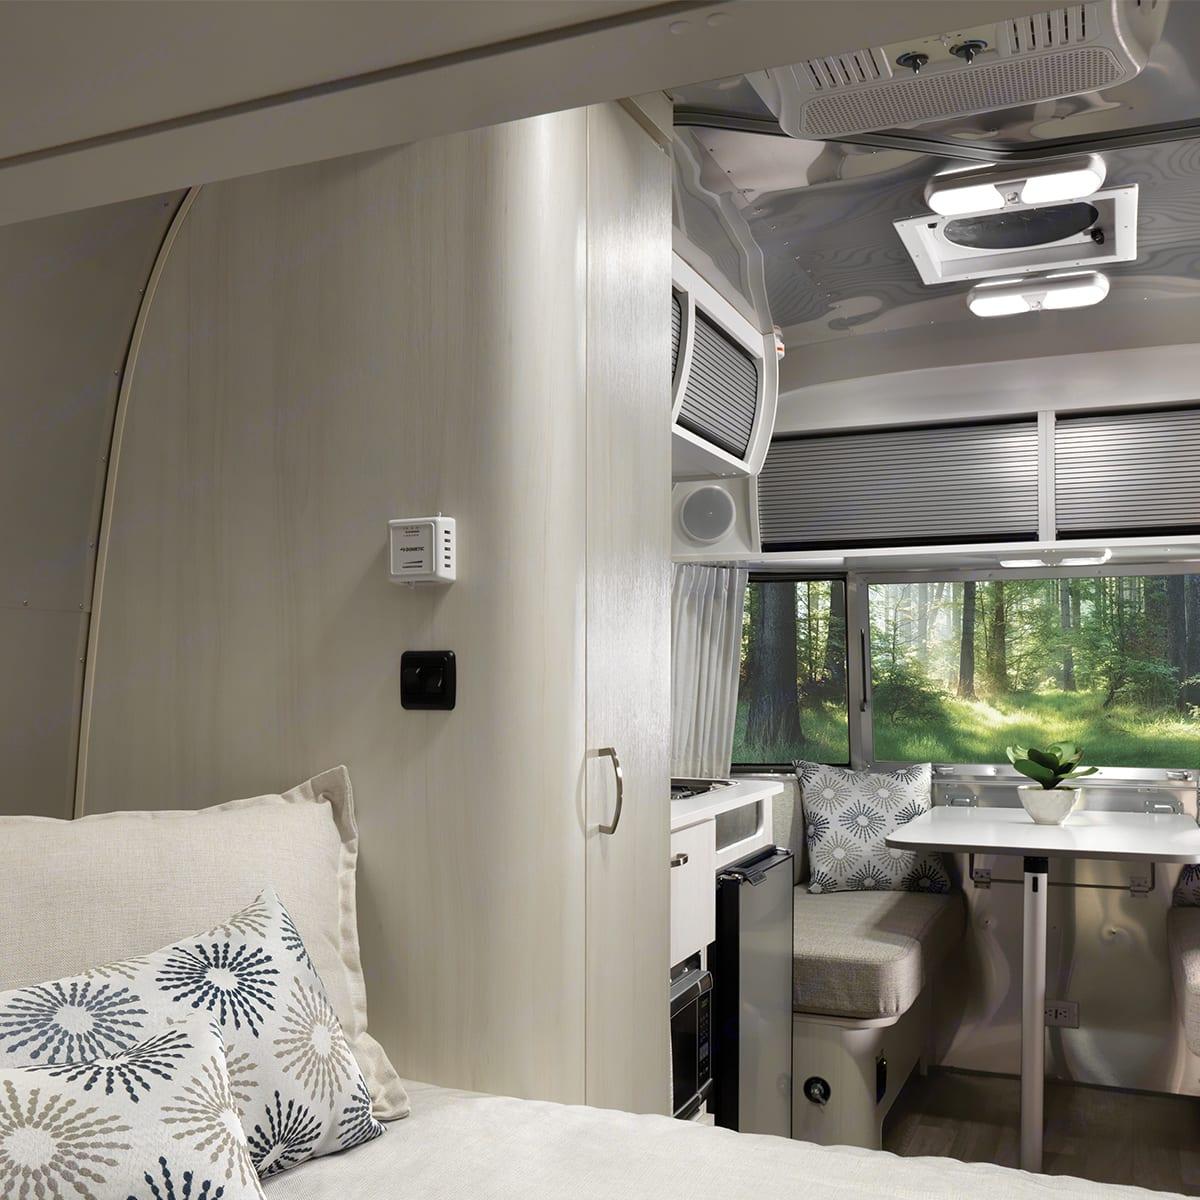 Airstream Airstream 2021